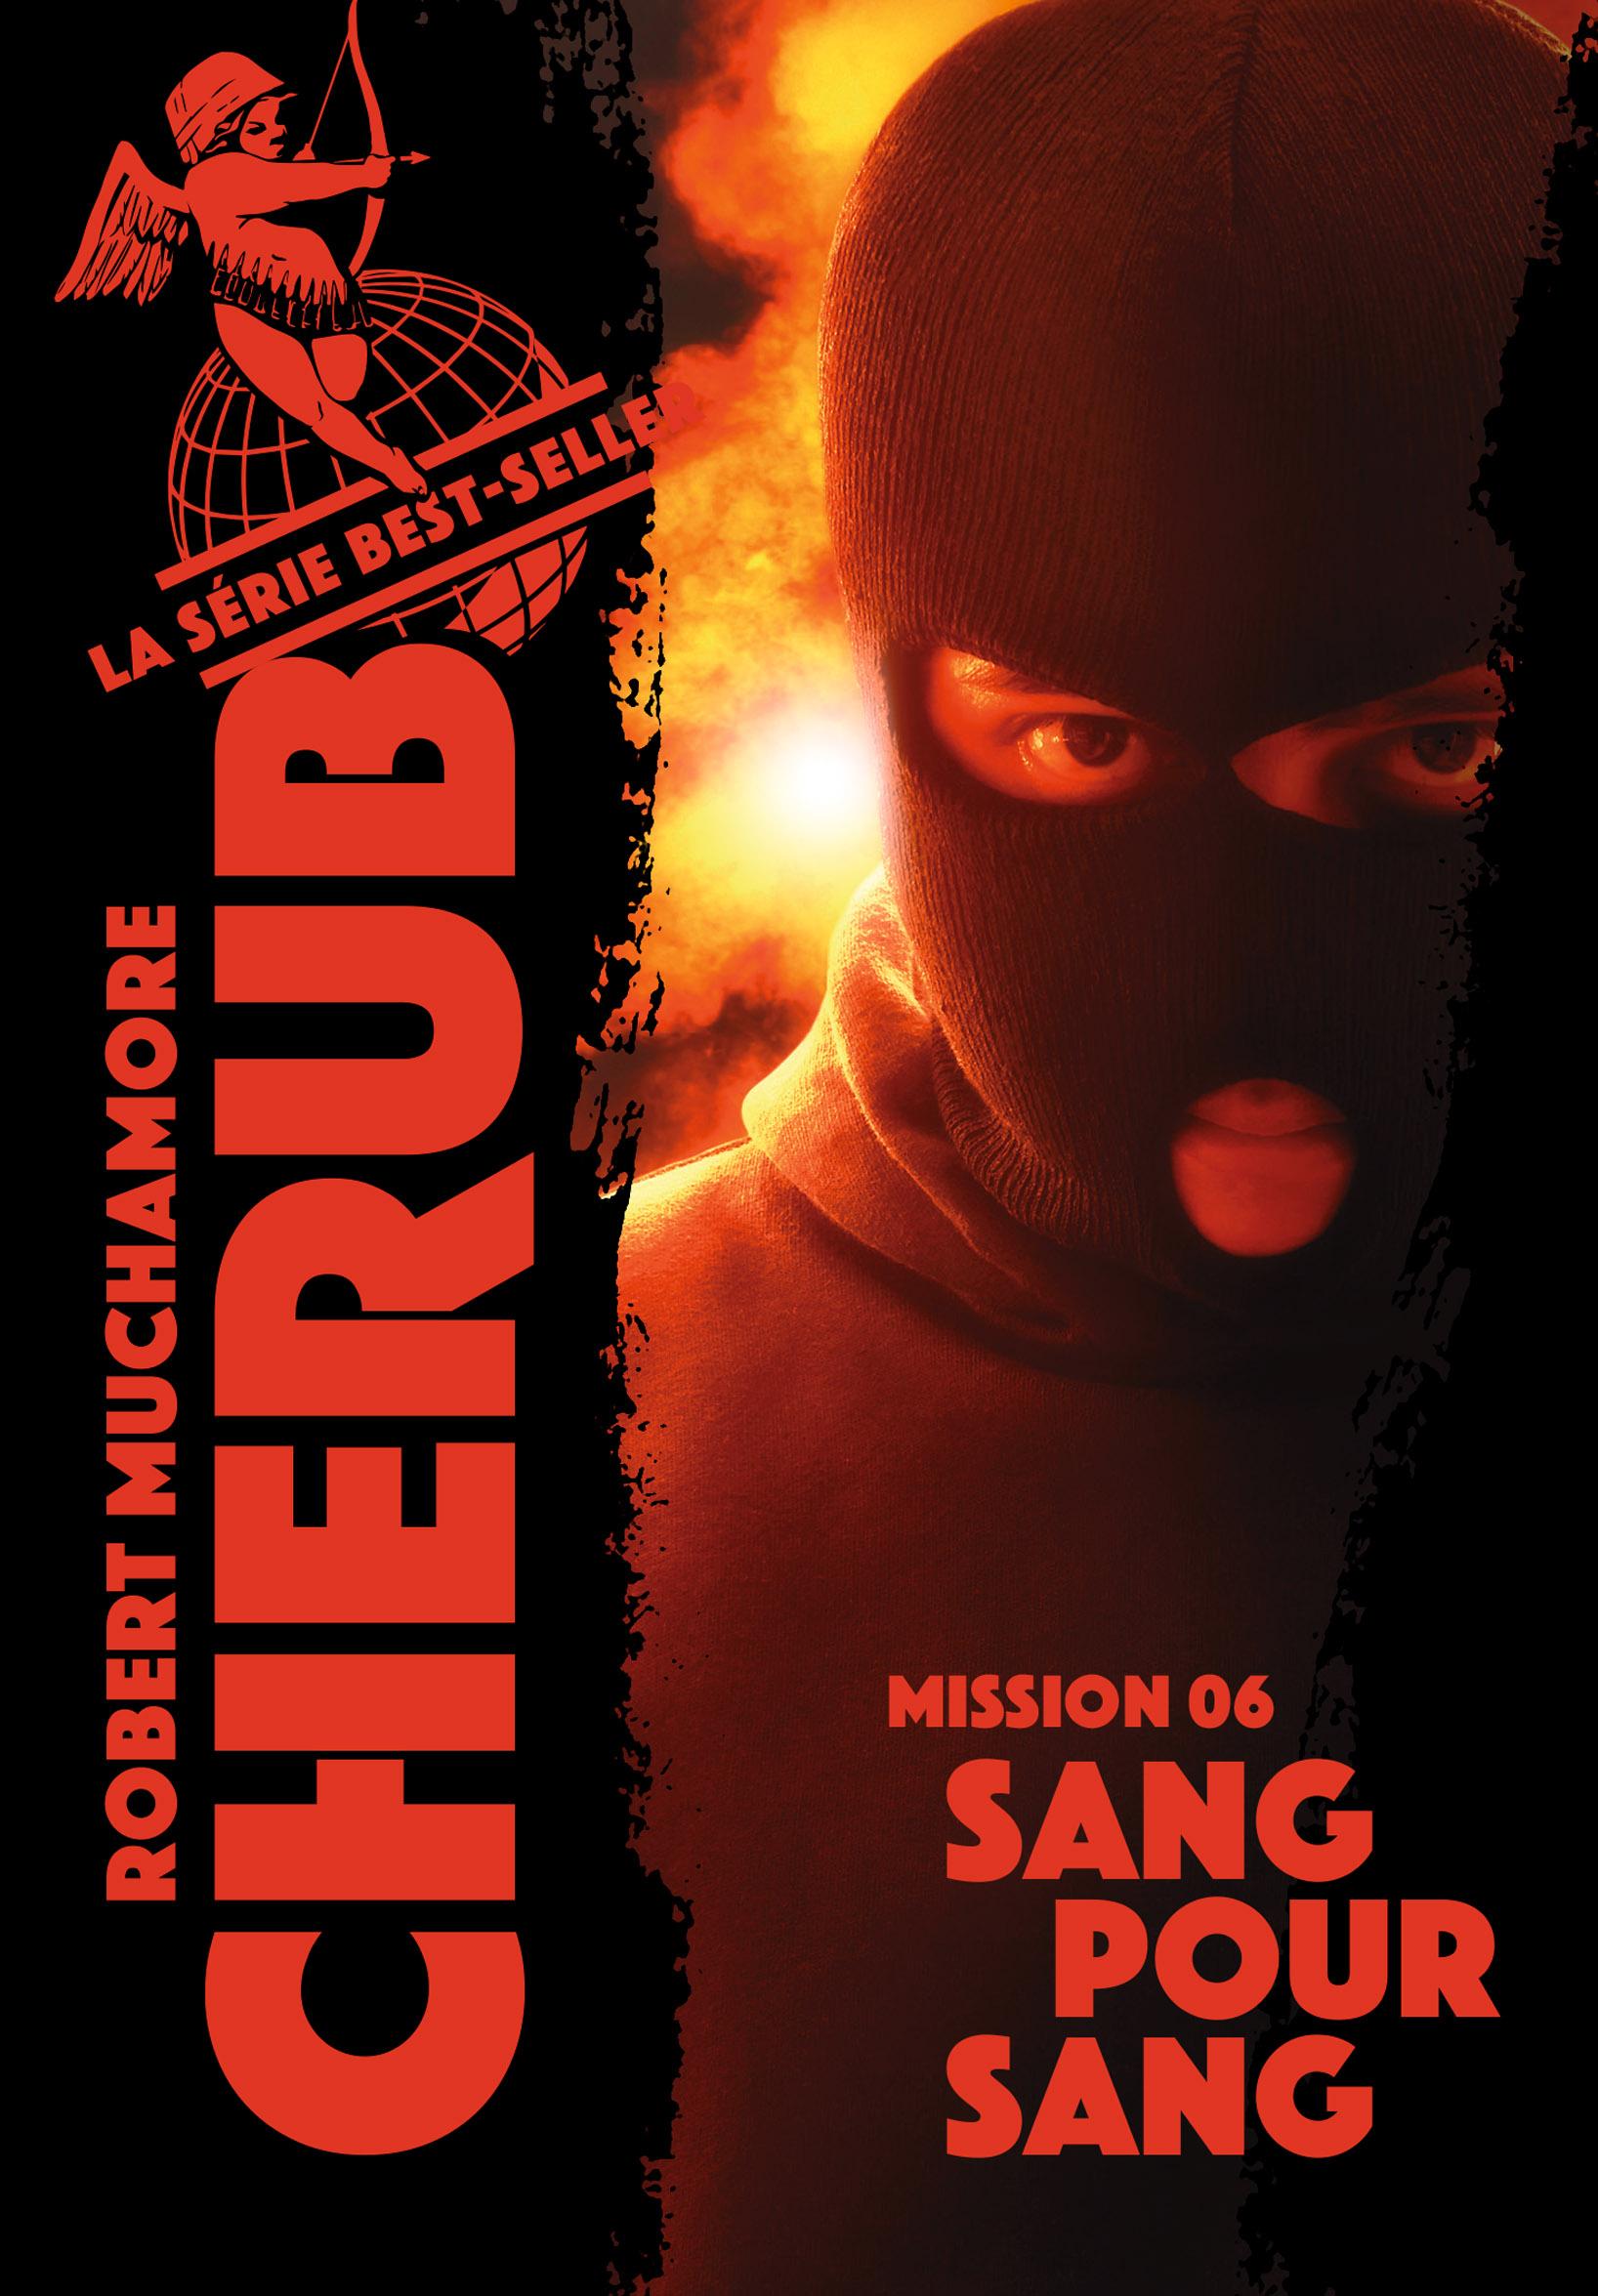 Cherub (Mission 6) - Sang pour sang